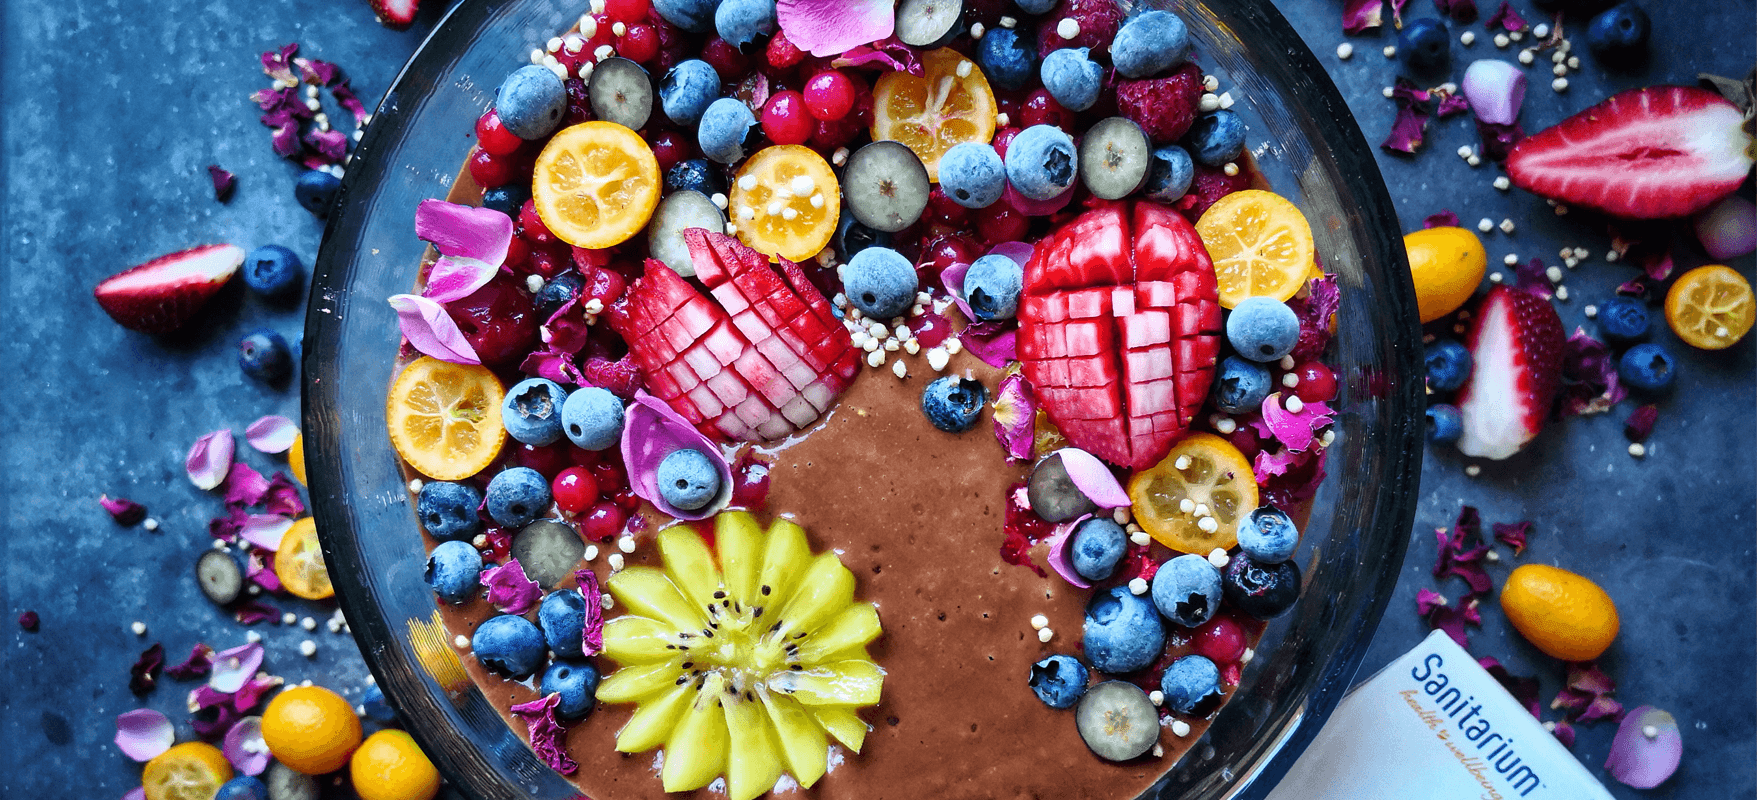 So Good chocolate PB&J smoothie bowl image 1